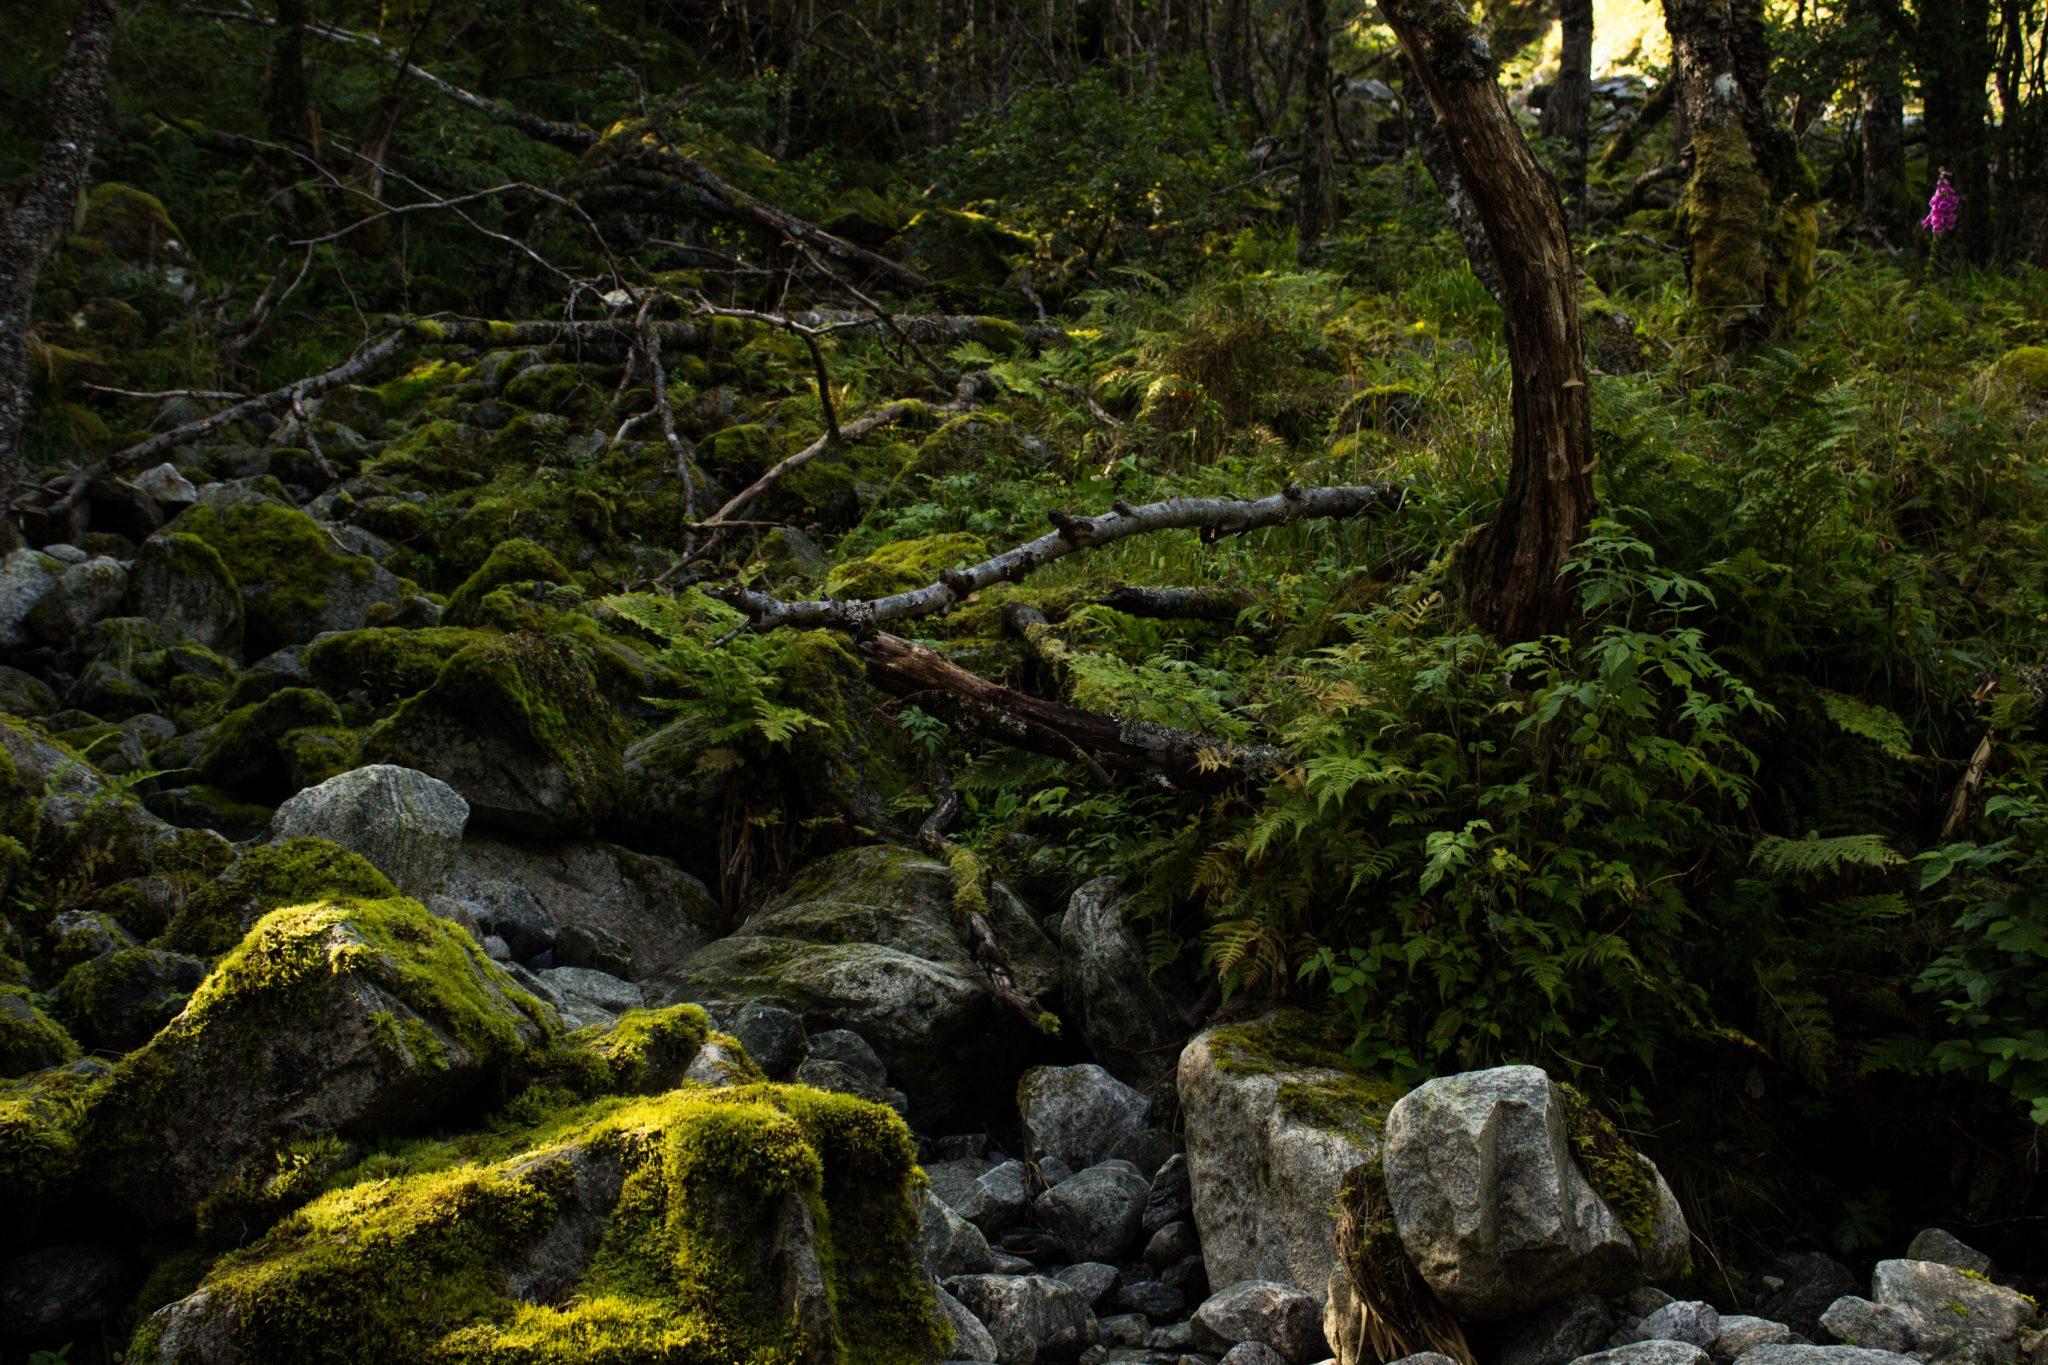 Wanderung vom Ort Sundal bis zum Gletscher Bondhusbreen im Folgefonna Nationalpark, moosbewachsene Steine im Wald, saftige grüne Vegetation